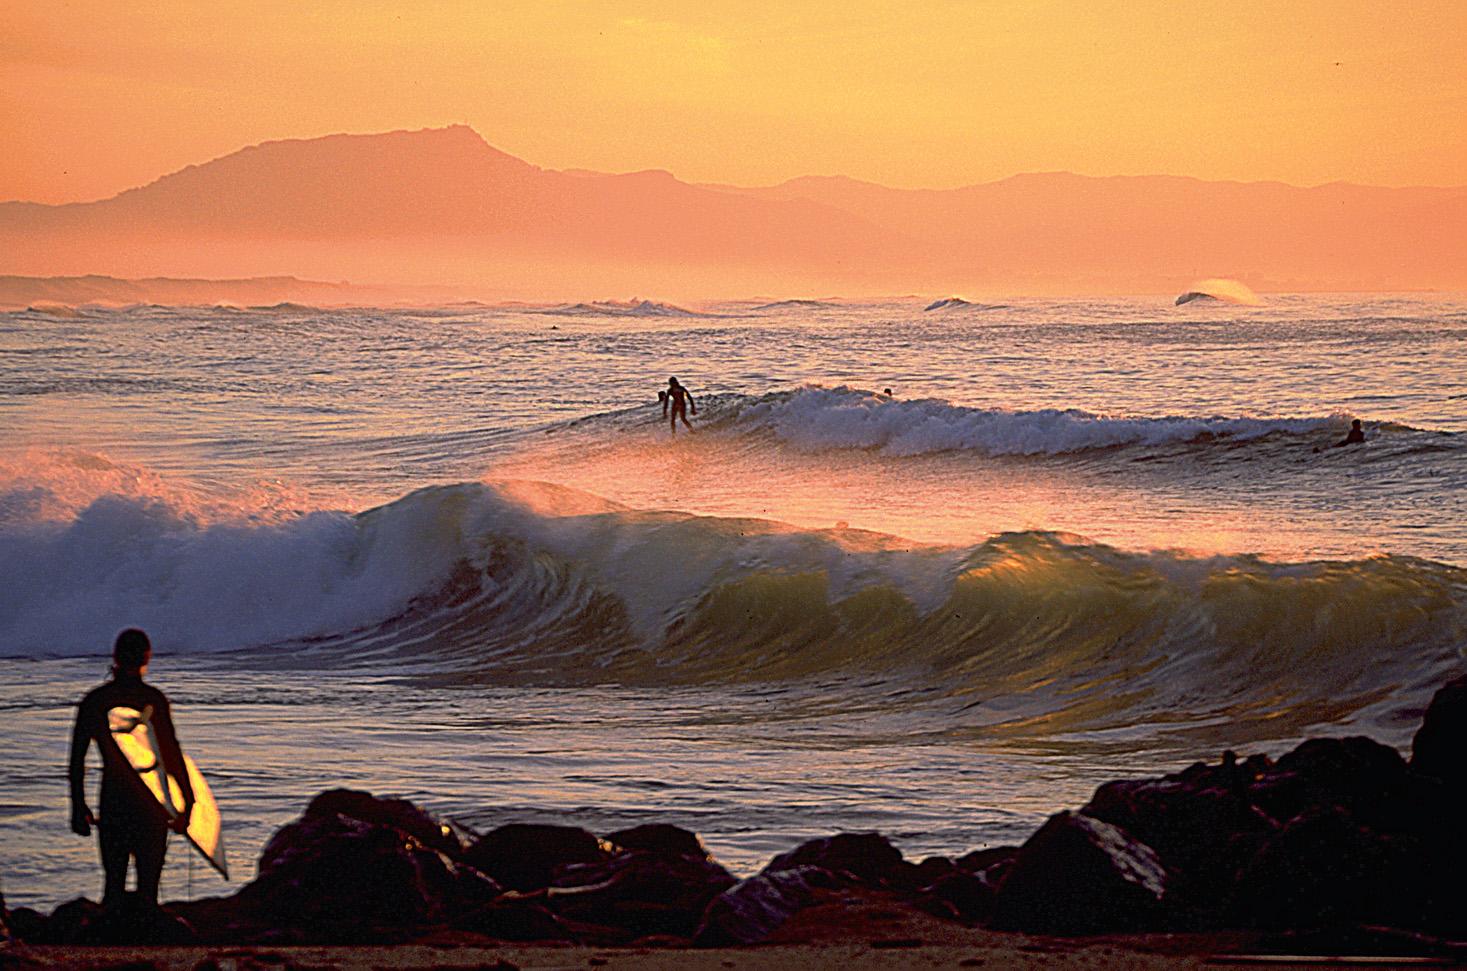 Baignade et surf dans l'océan Atlantique - Crédit : CDT des Landes/Plantey